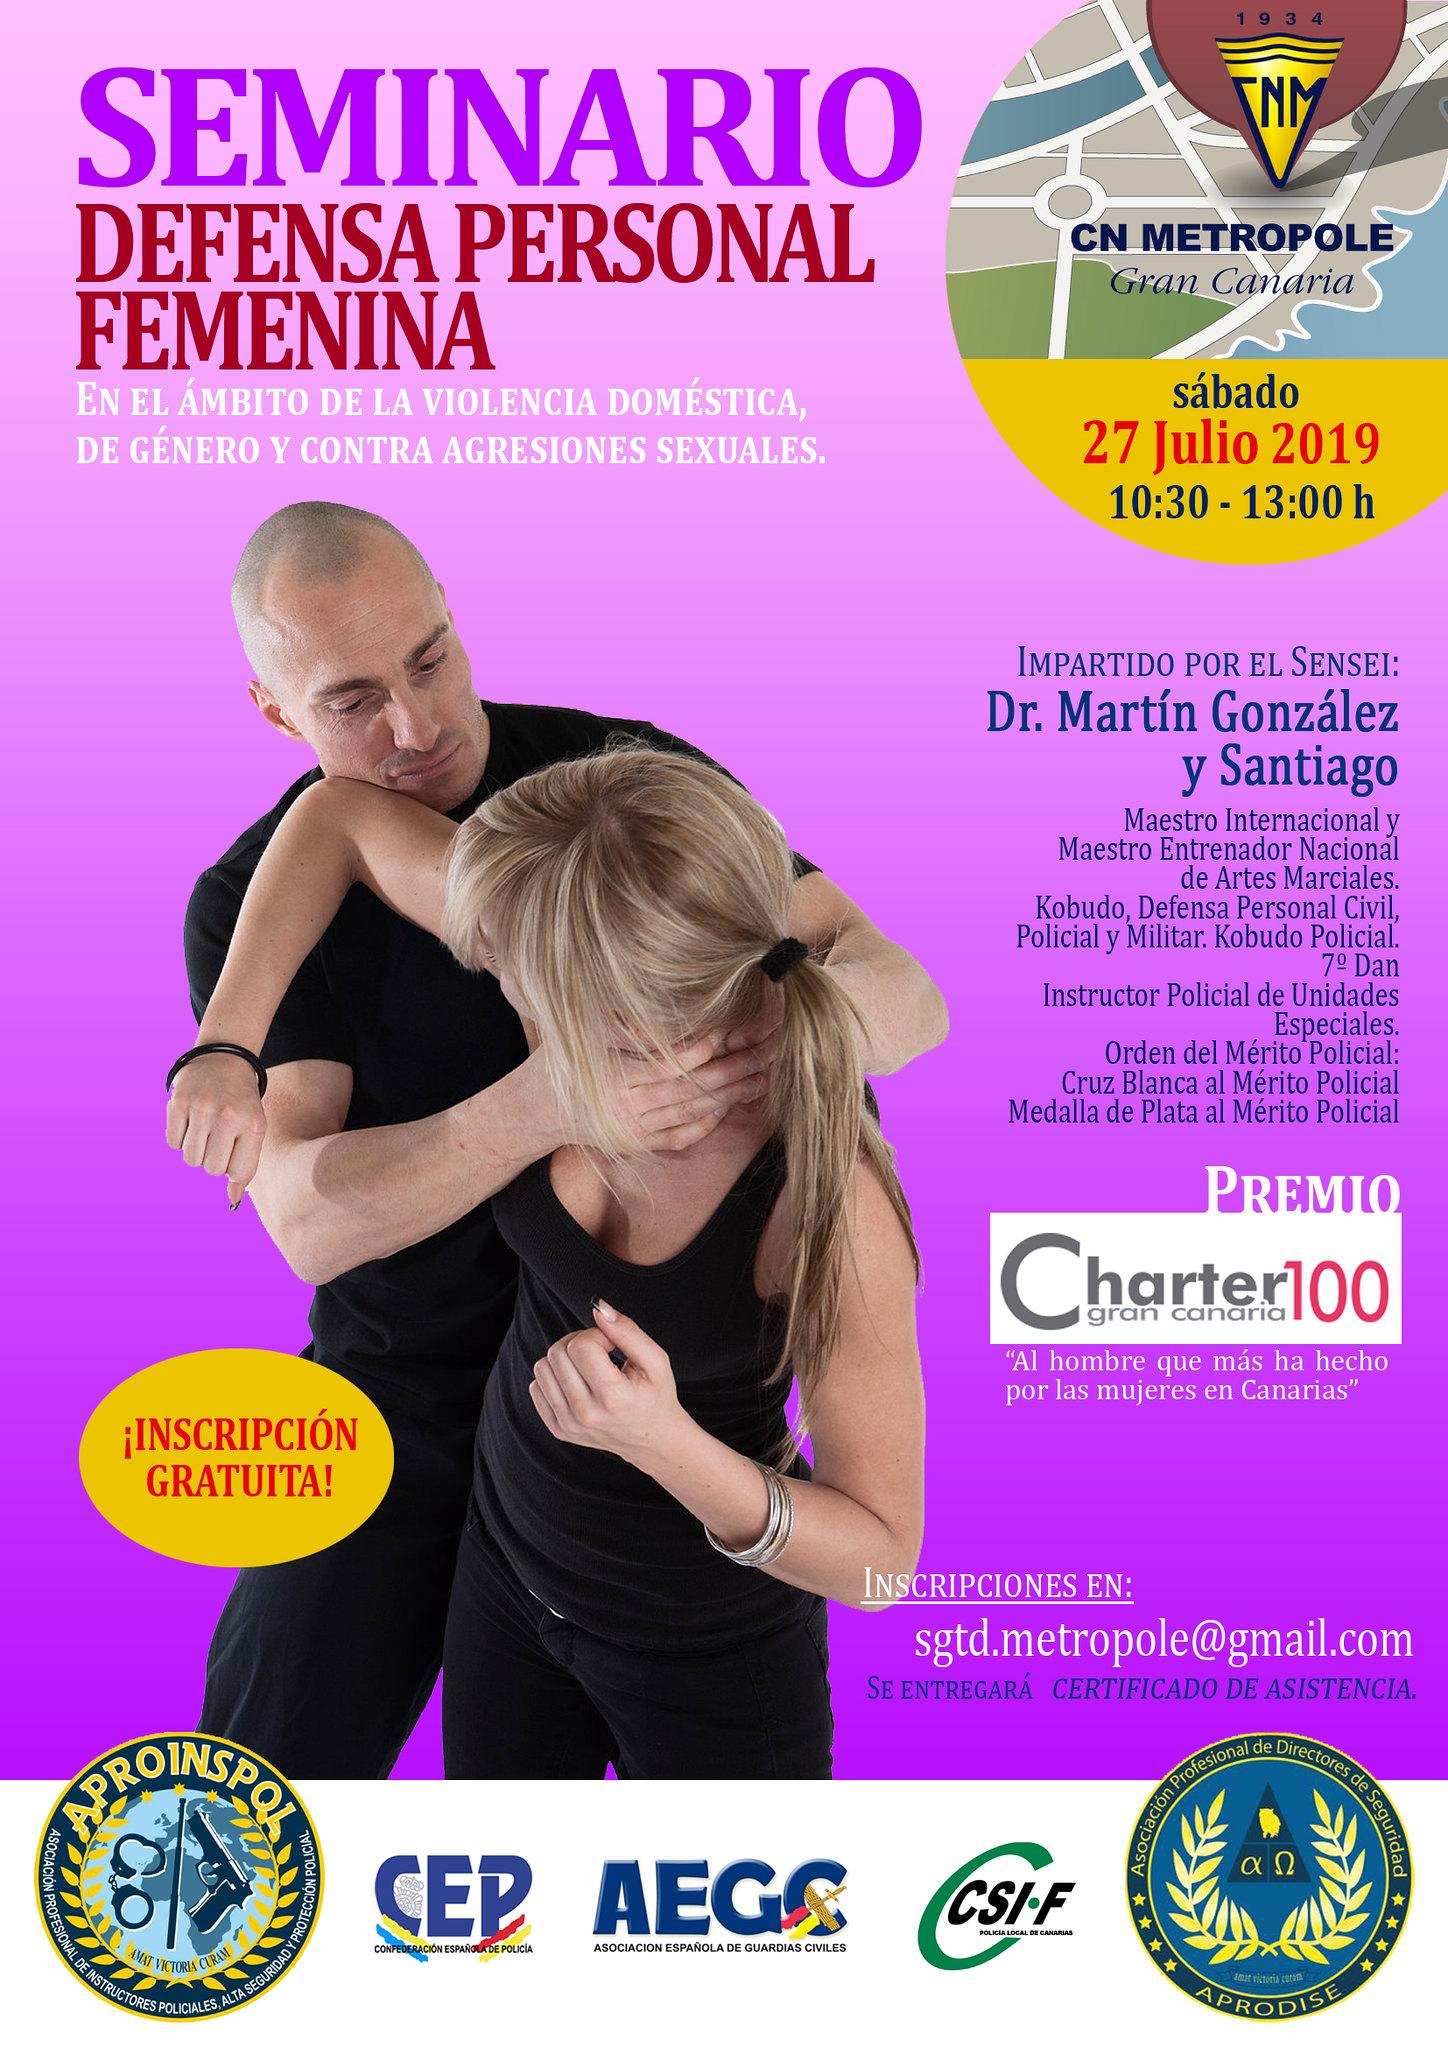 Seminario de Defensa Personal Femenina por Martín González